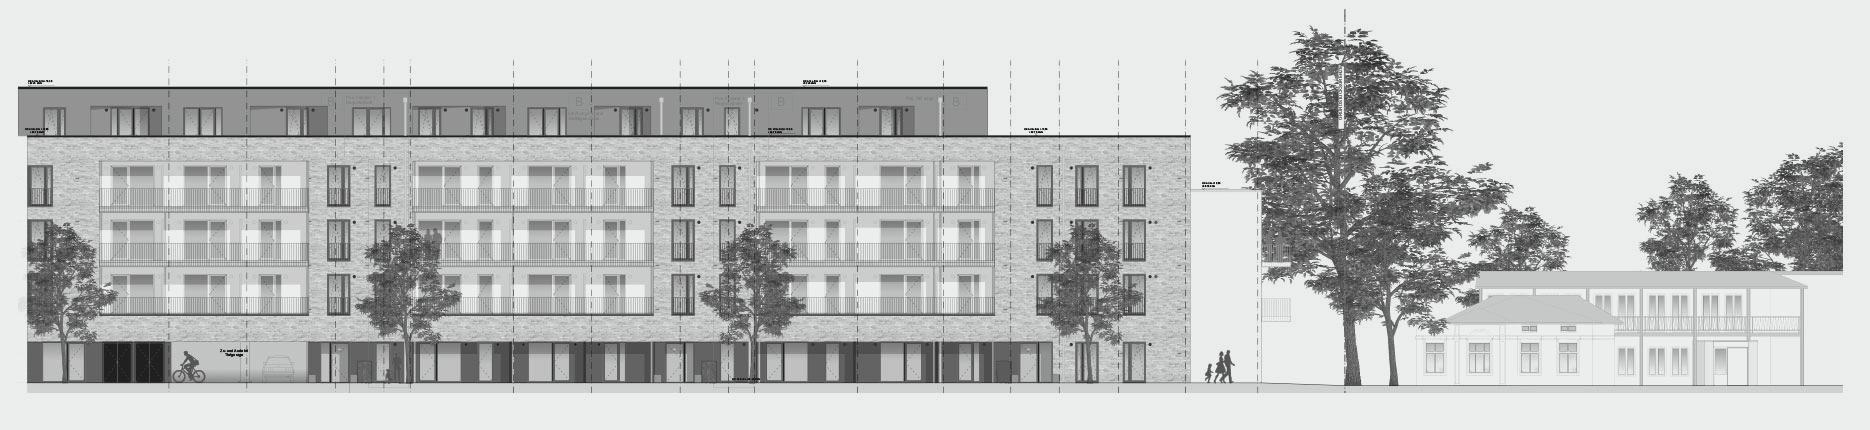 Architekturzeichnung - Diese Zeichnung zeigt ein Bauprojekt für Kapitalanleger in Ahrensburg.